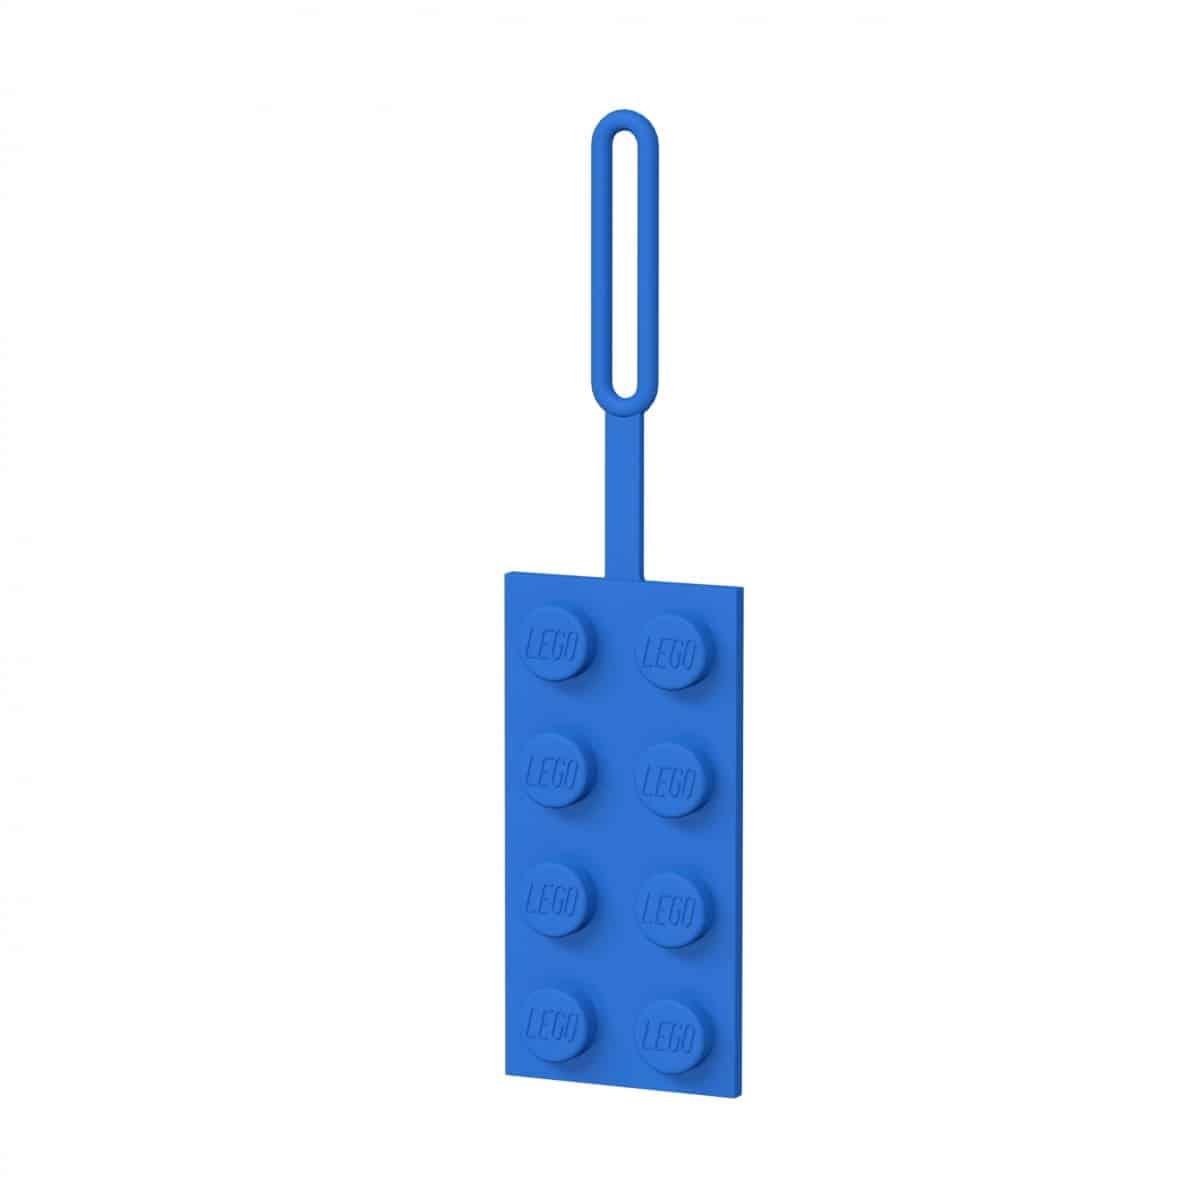 lego 5005543 2x4 blue luggage tag scaled